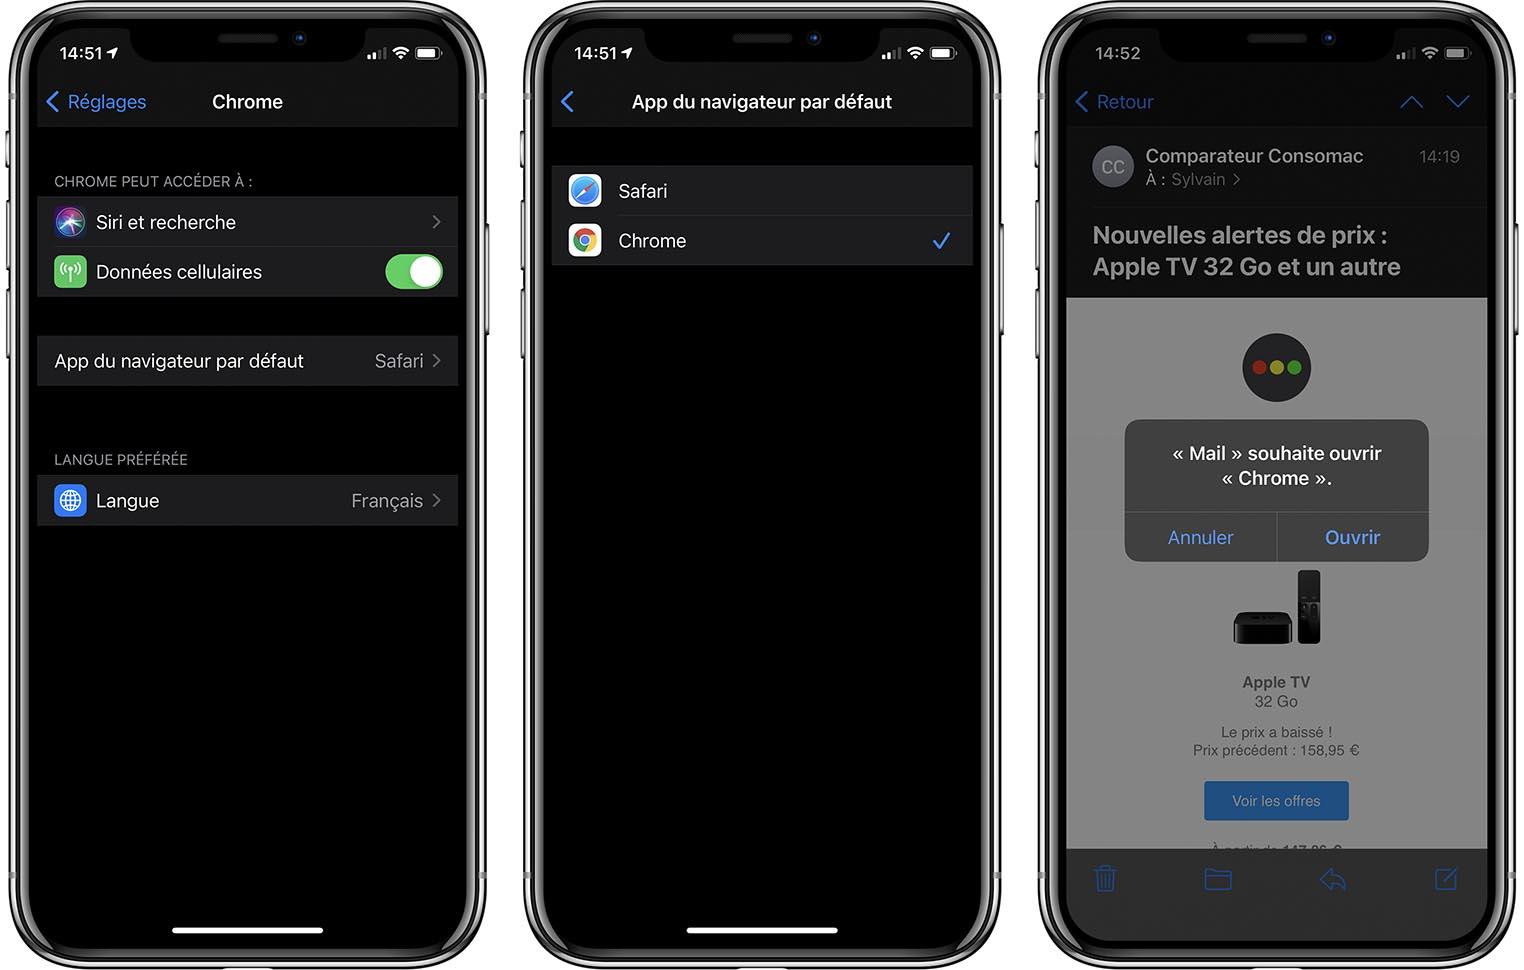 Navigateur par défaut iOS 14